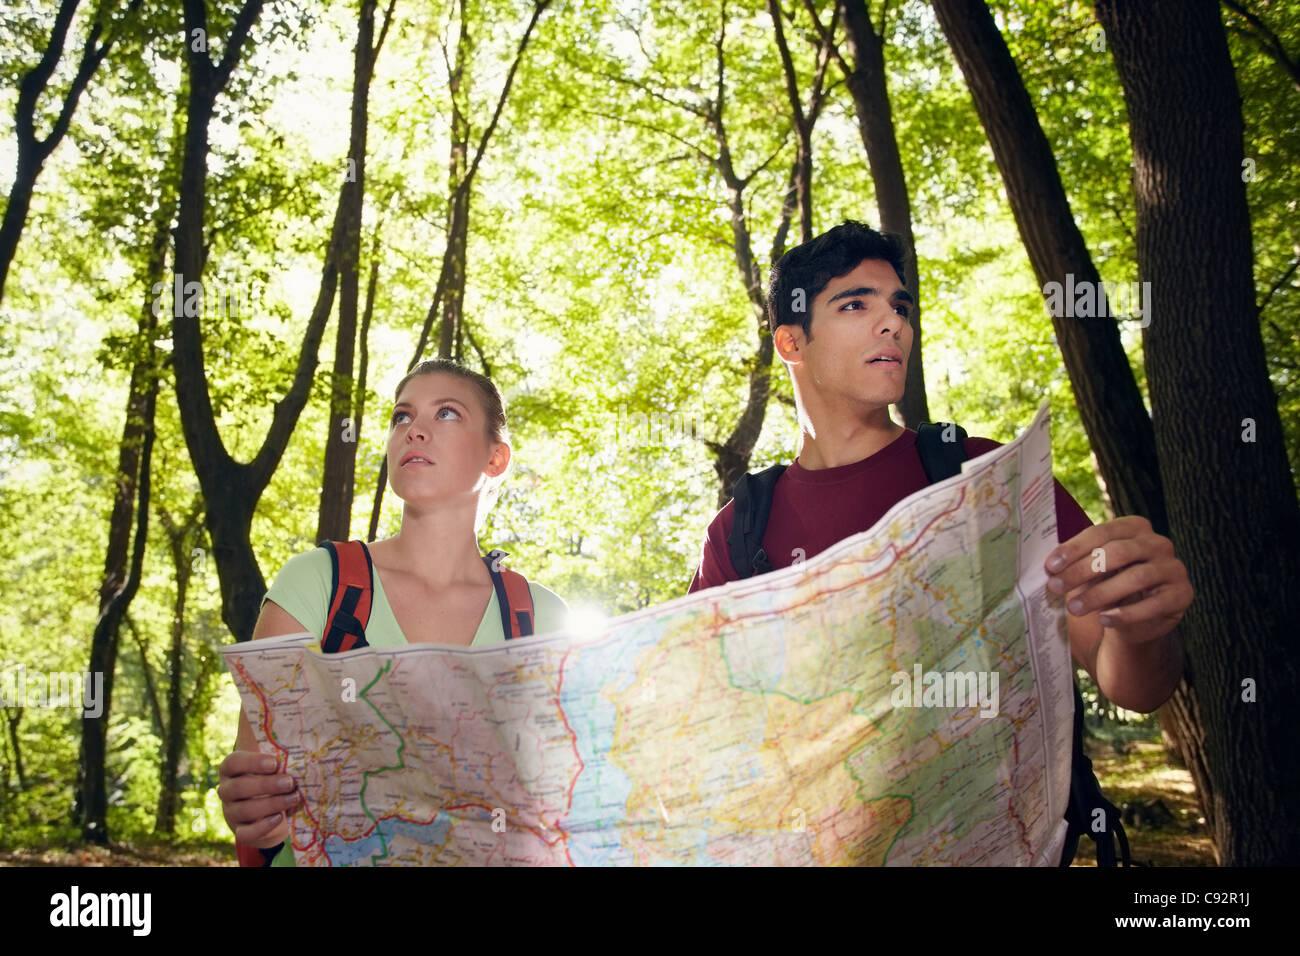 junger Mann und Frau verloren gegangen, während Wanderausflug und Ziel auf Karte suchen. Horizontale Form, Stockbild